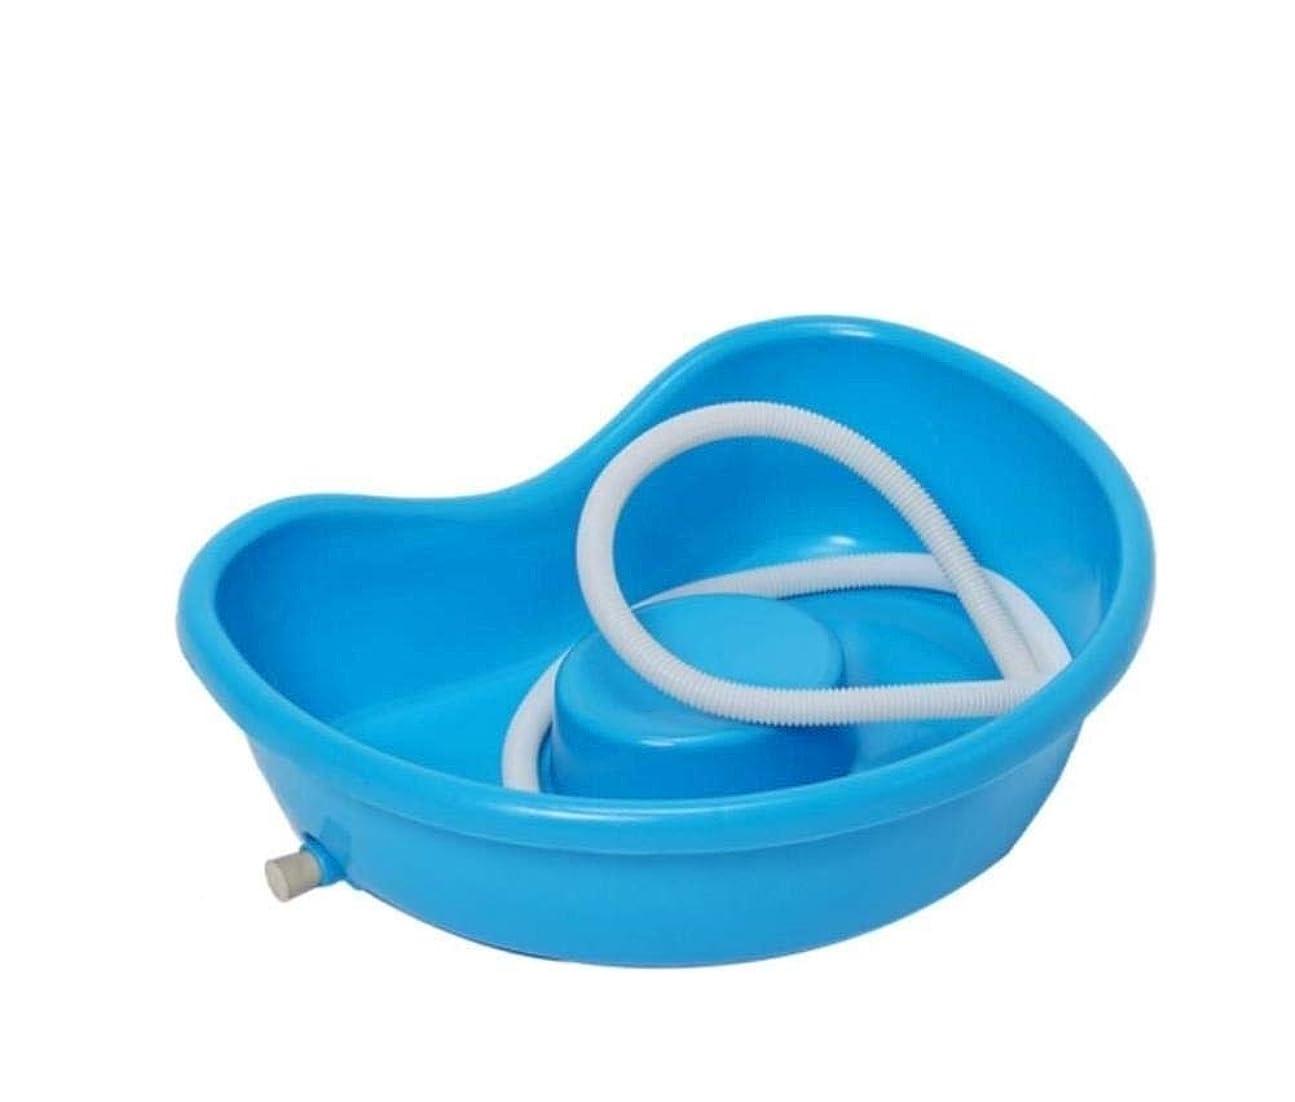 使役良性急流ベッドシャンプー洗面器、清潔なヘアエイドベッドサイドシャワーシステム、高齢者、寝たきりの身障者用妊婦用洗髪皿